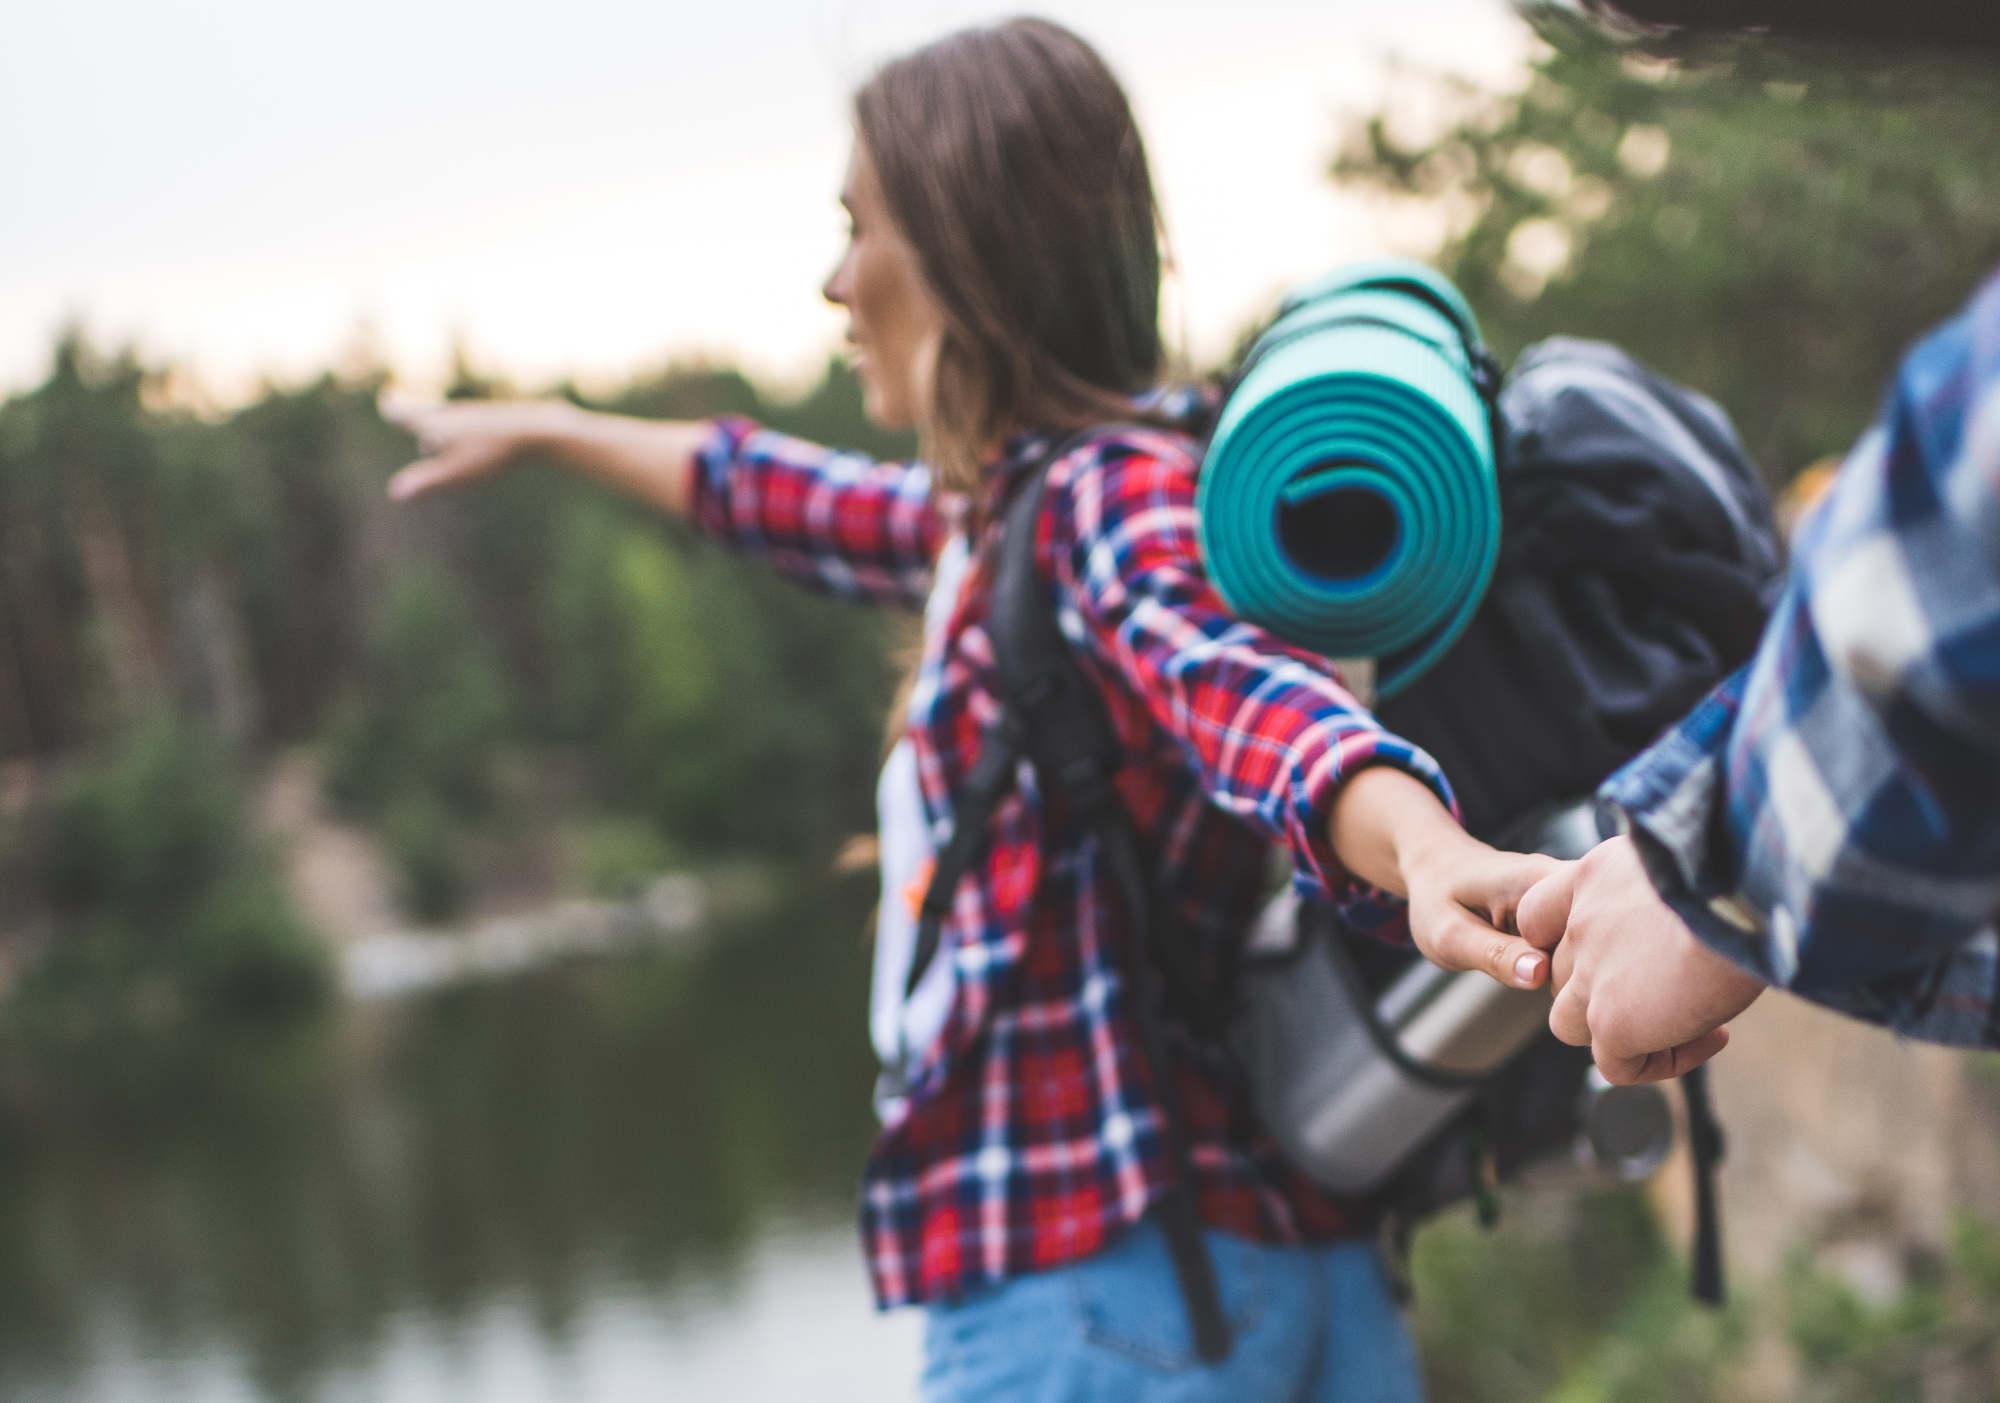 Vacanza a piedi: 9 consigli per organizzarla